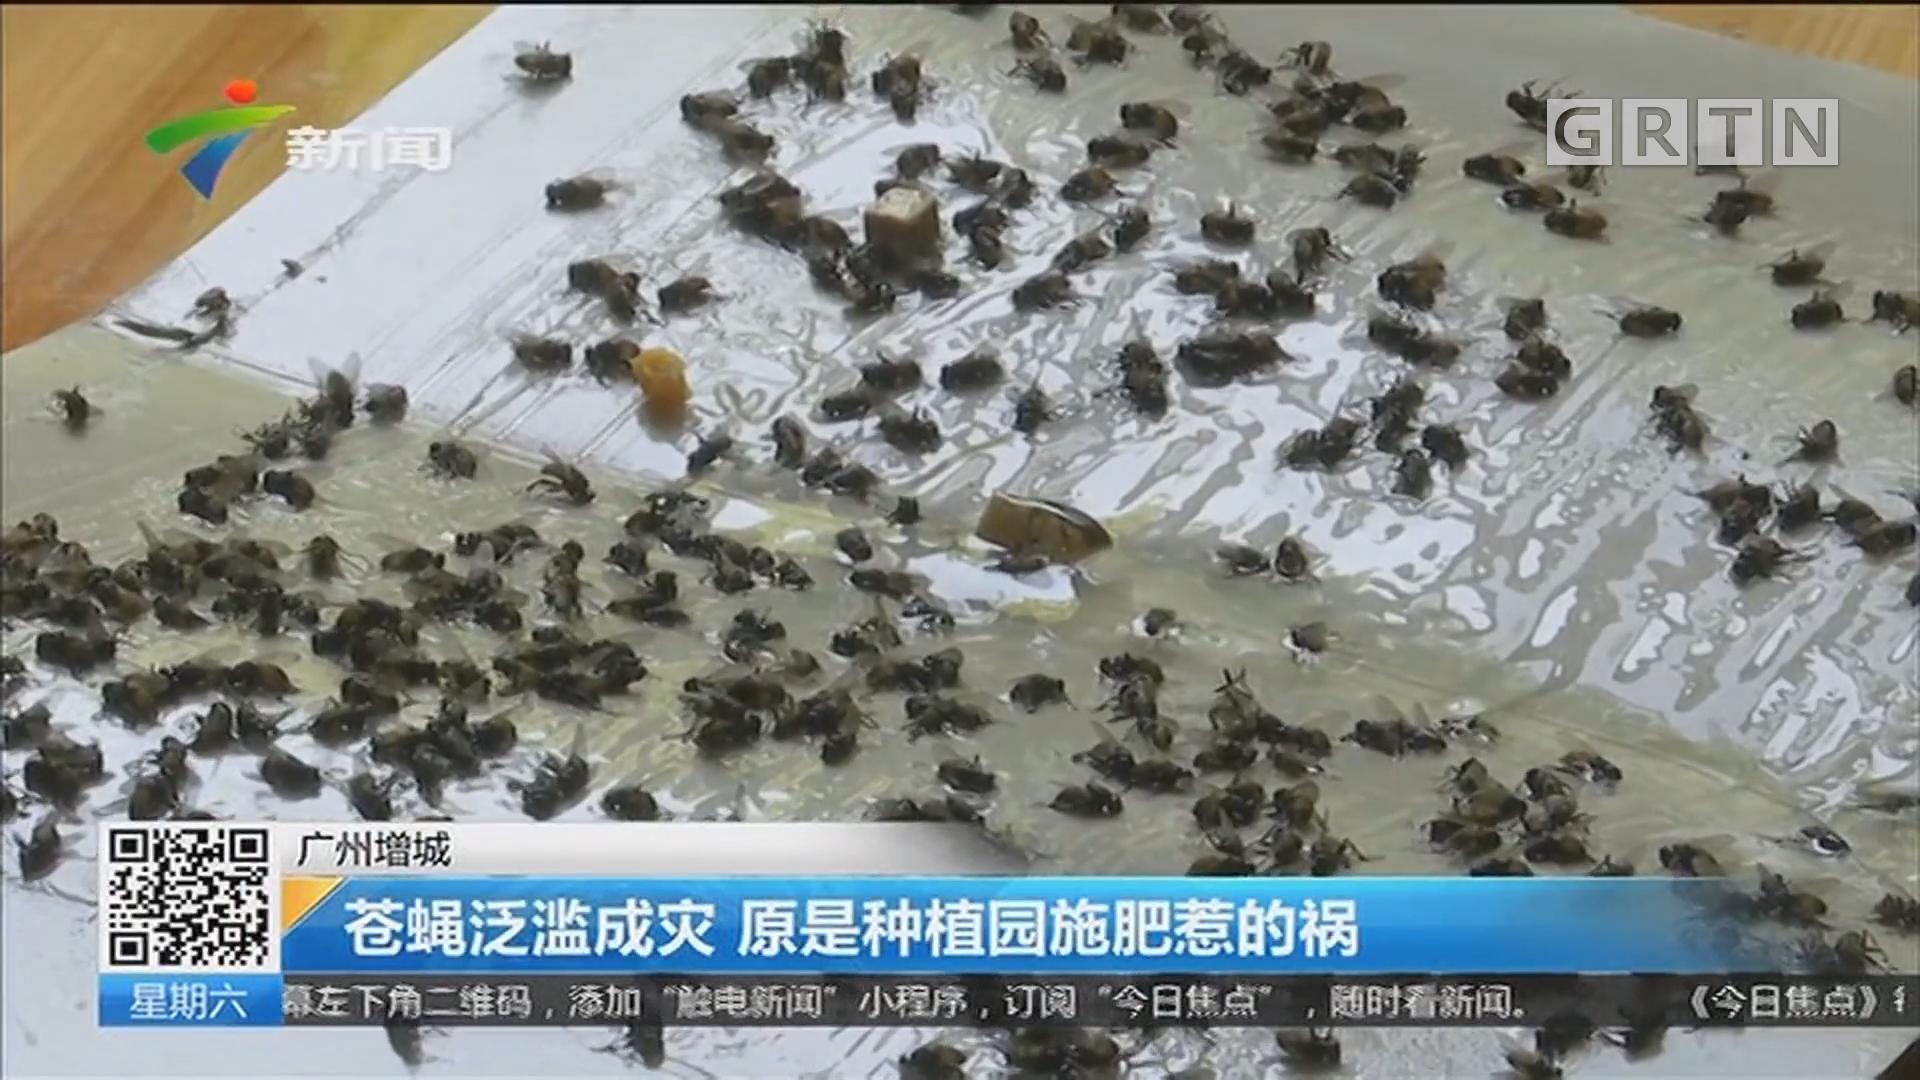 广州增城 苍蝇泛滥成灾 原是种植园施肥惹的祸